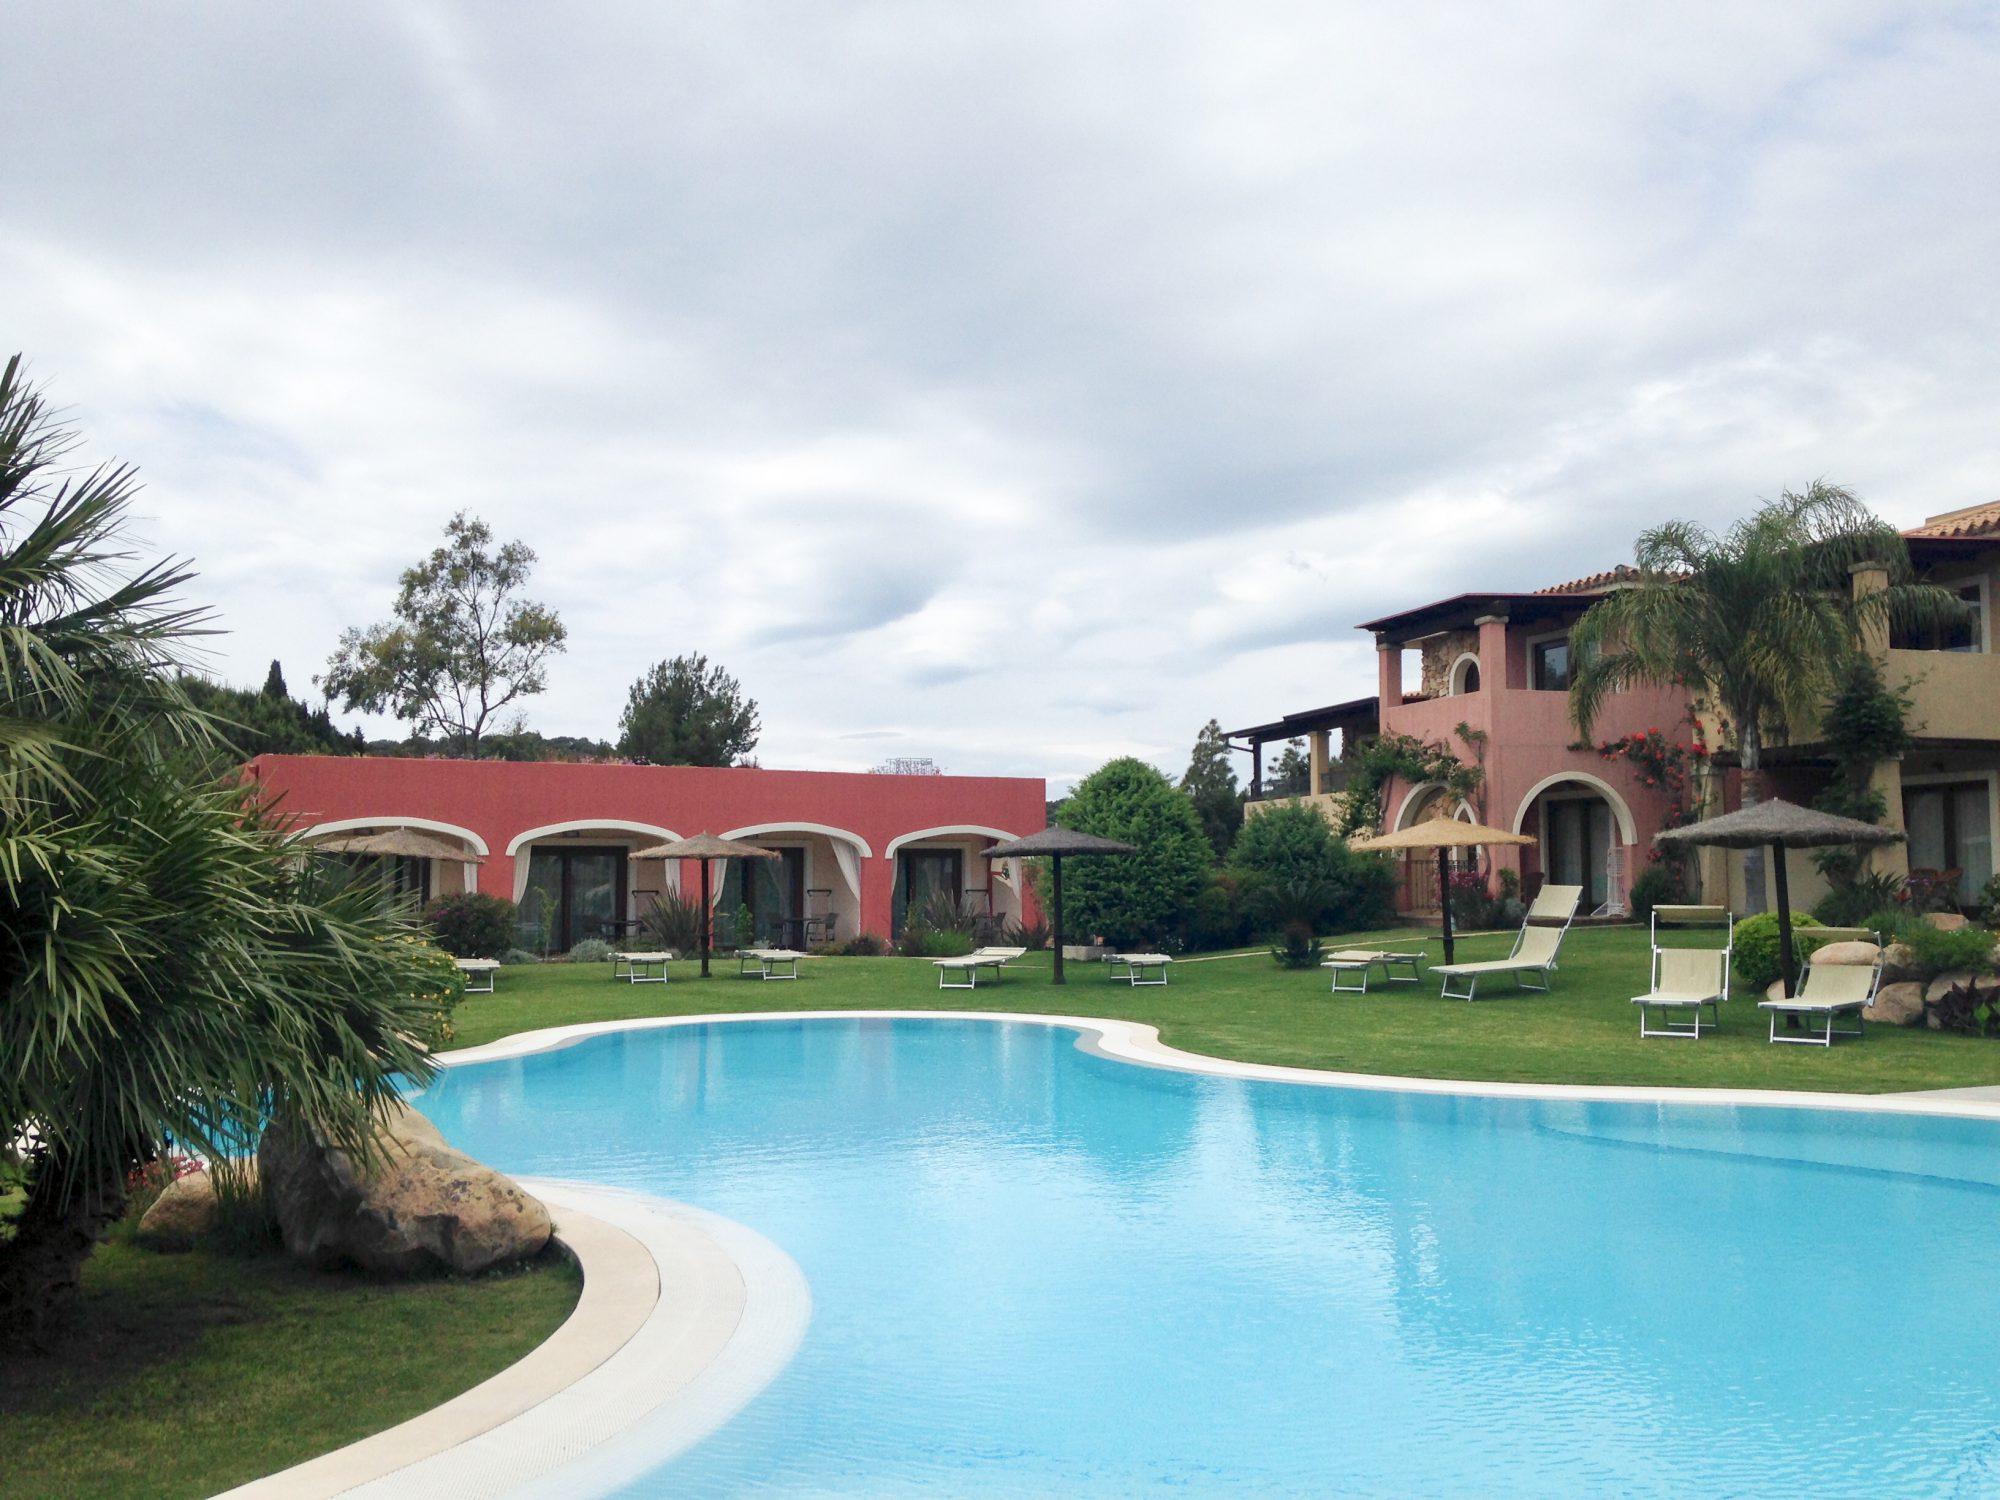 Hotel Mariposas in Villasimius